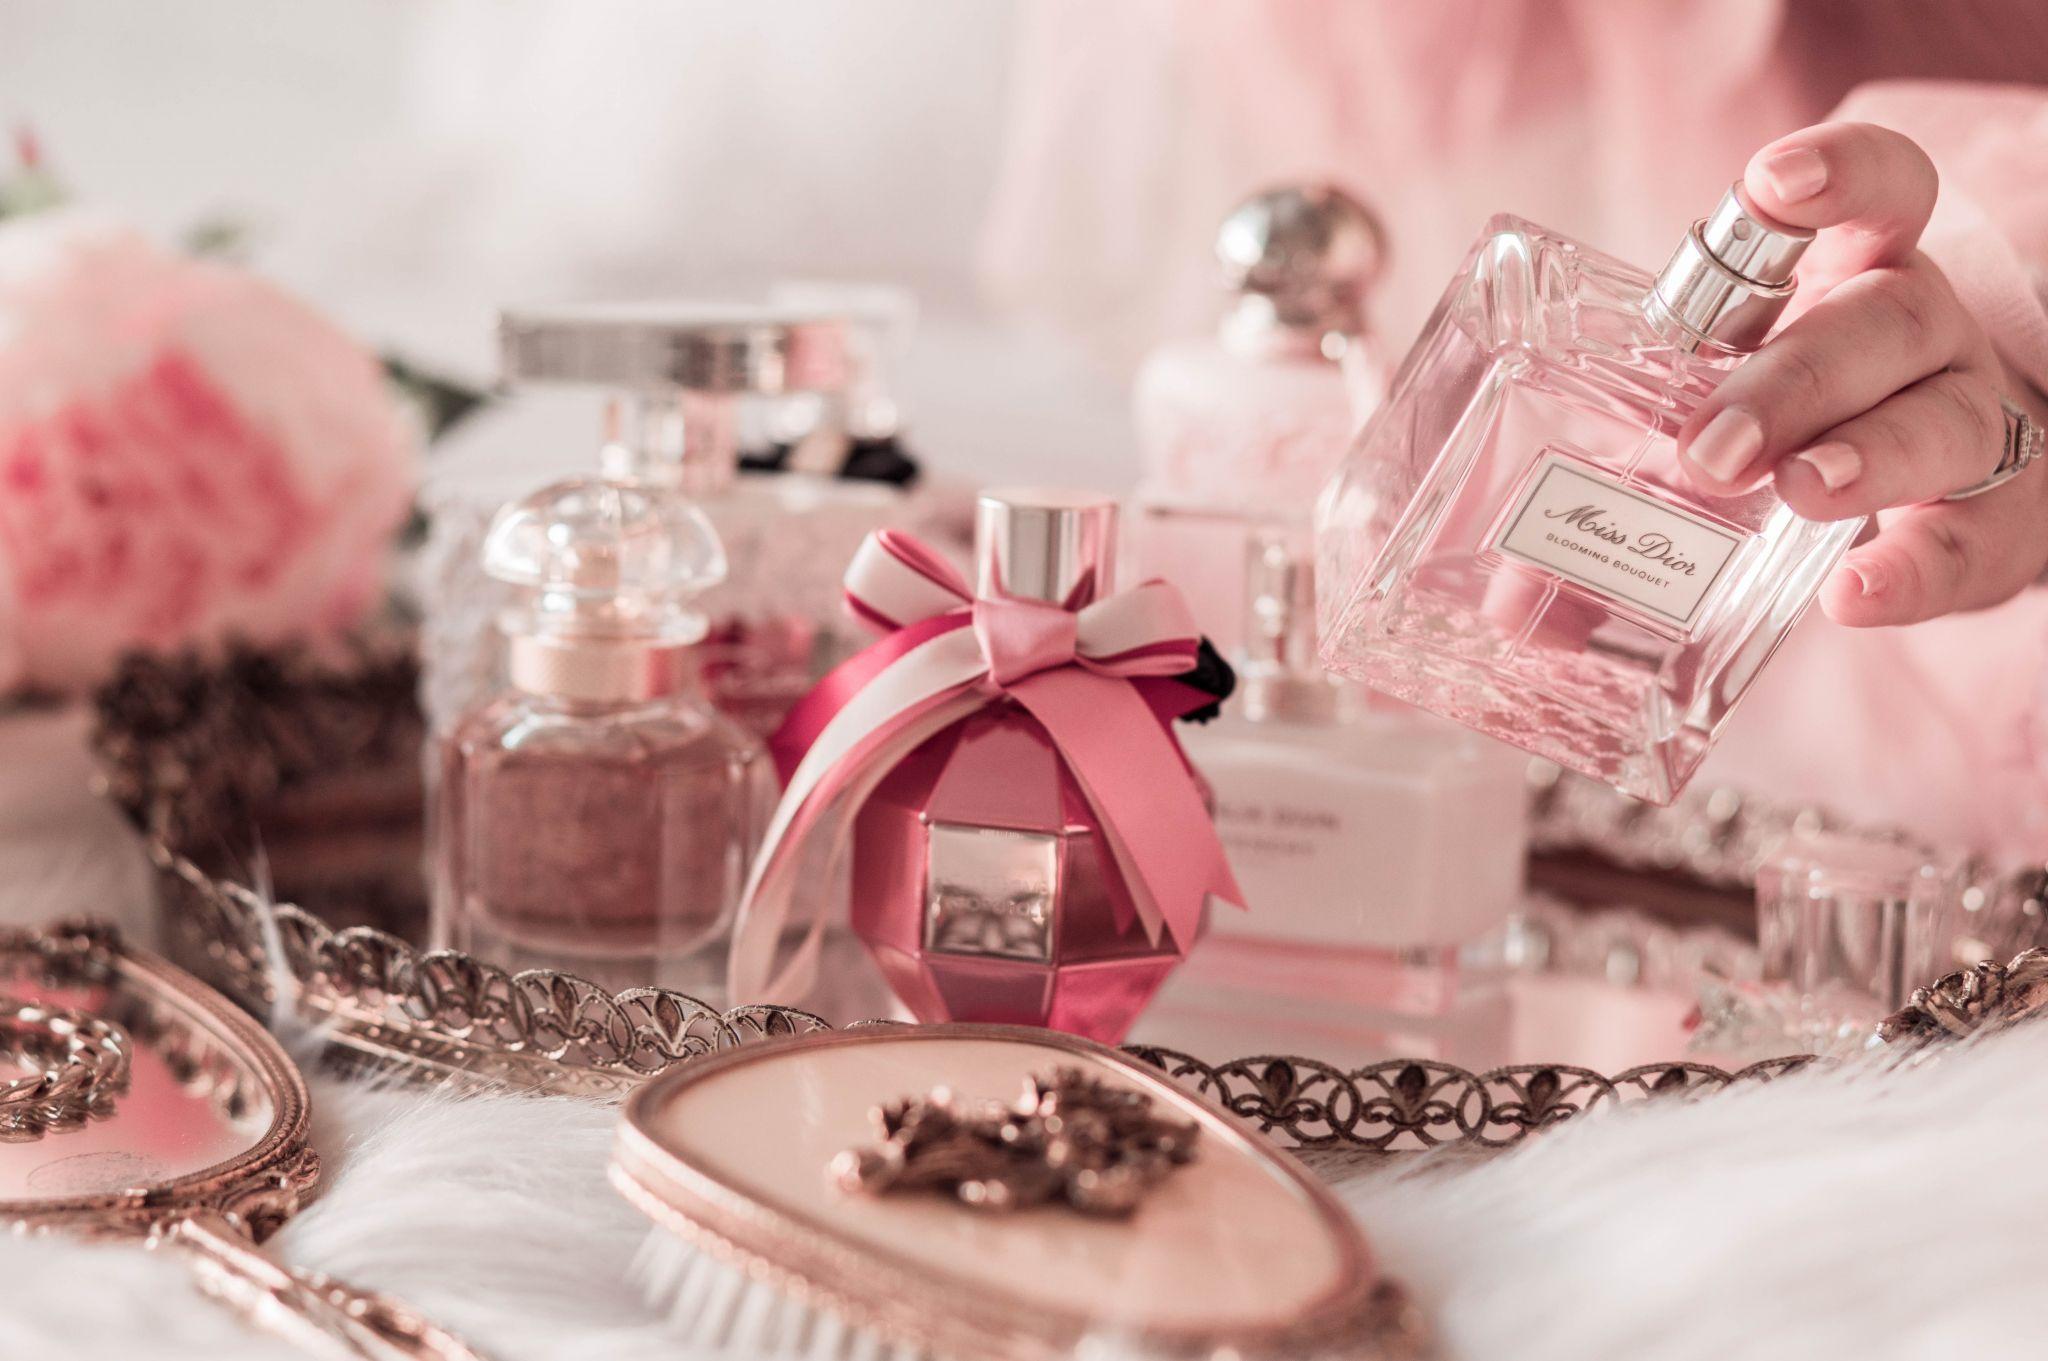 7 Feminine Fragrances To Put On Your Holiday Wishlist